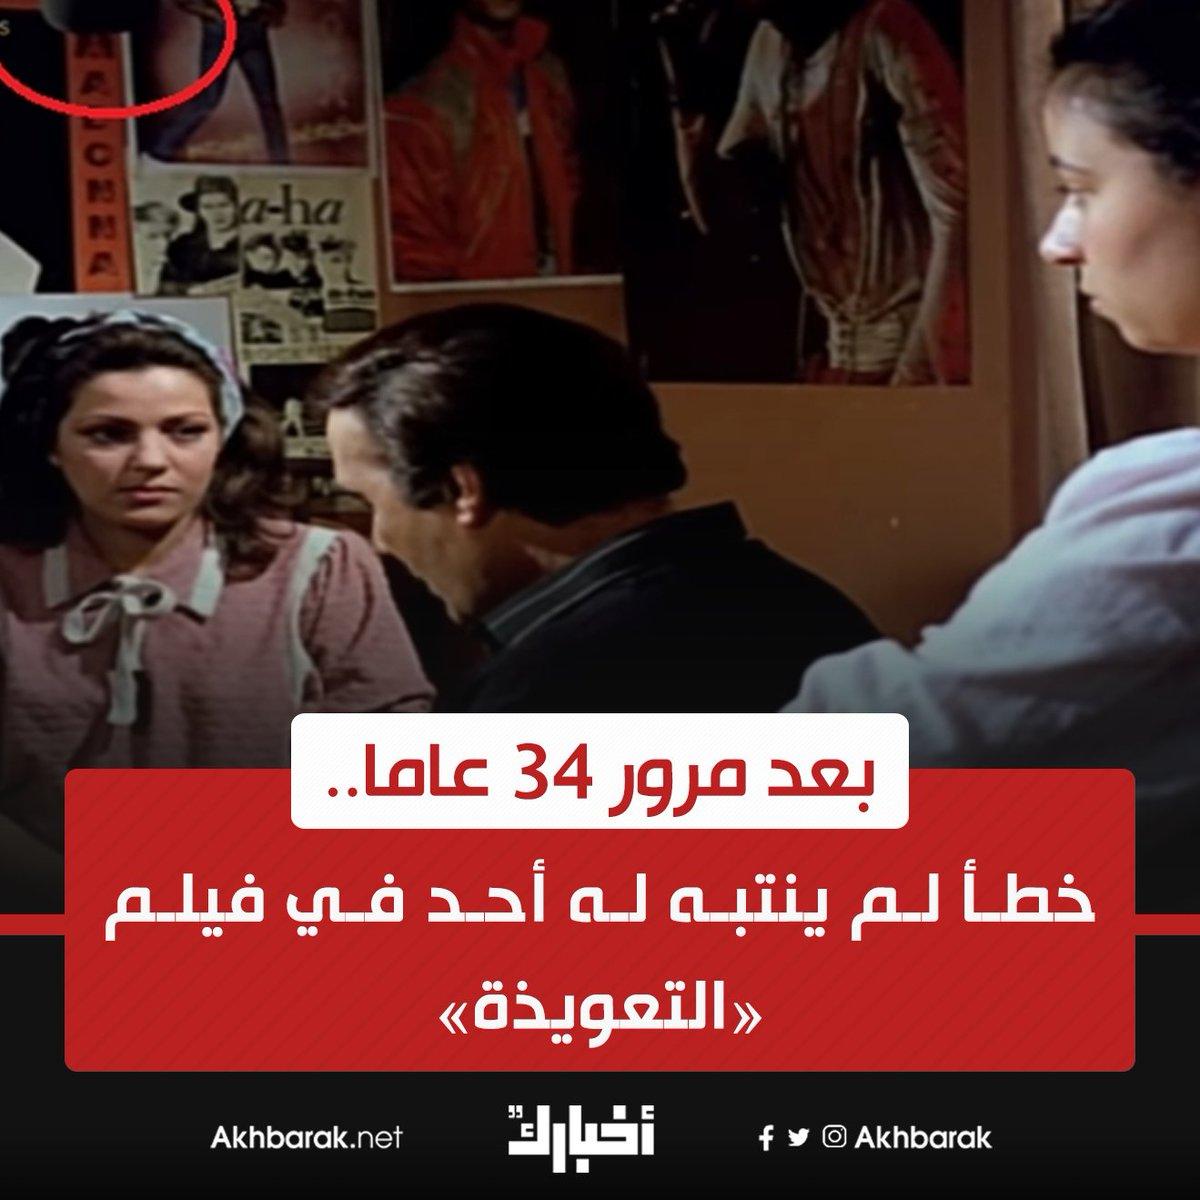 في أحد المشاهد التي تجمع محمود ياسين وعبلة كامل ومروة الخطيب المصدر في الفن